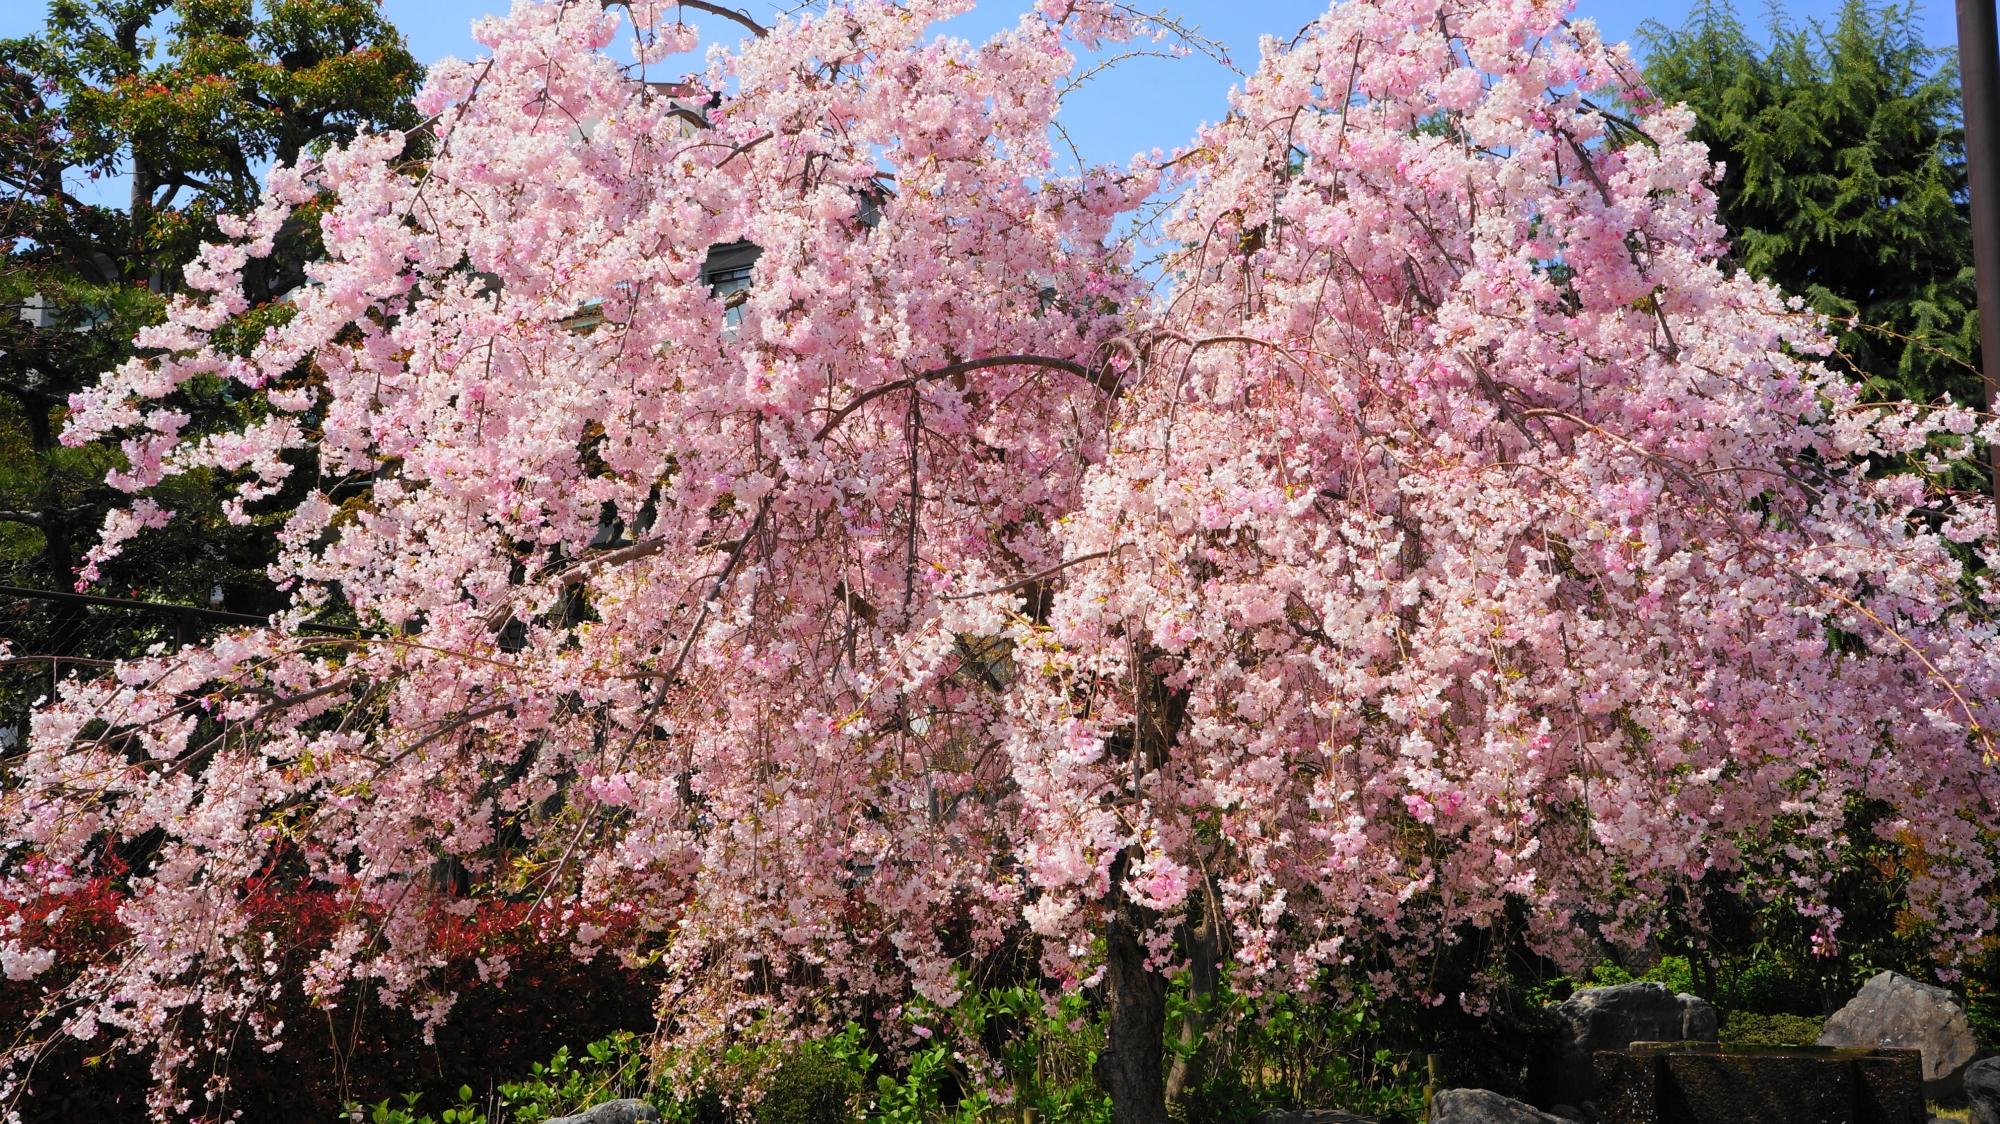 素晴らしい首途八幡宮の桃の花と桜井公園の桜